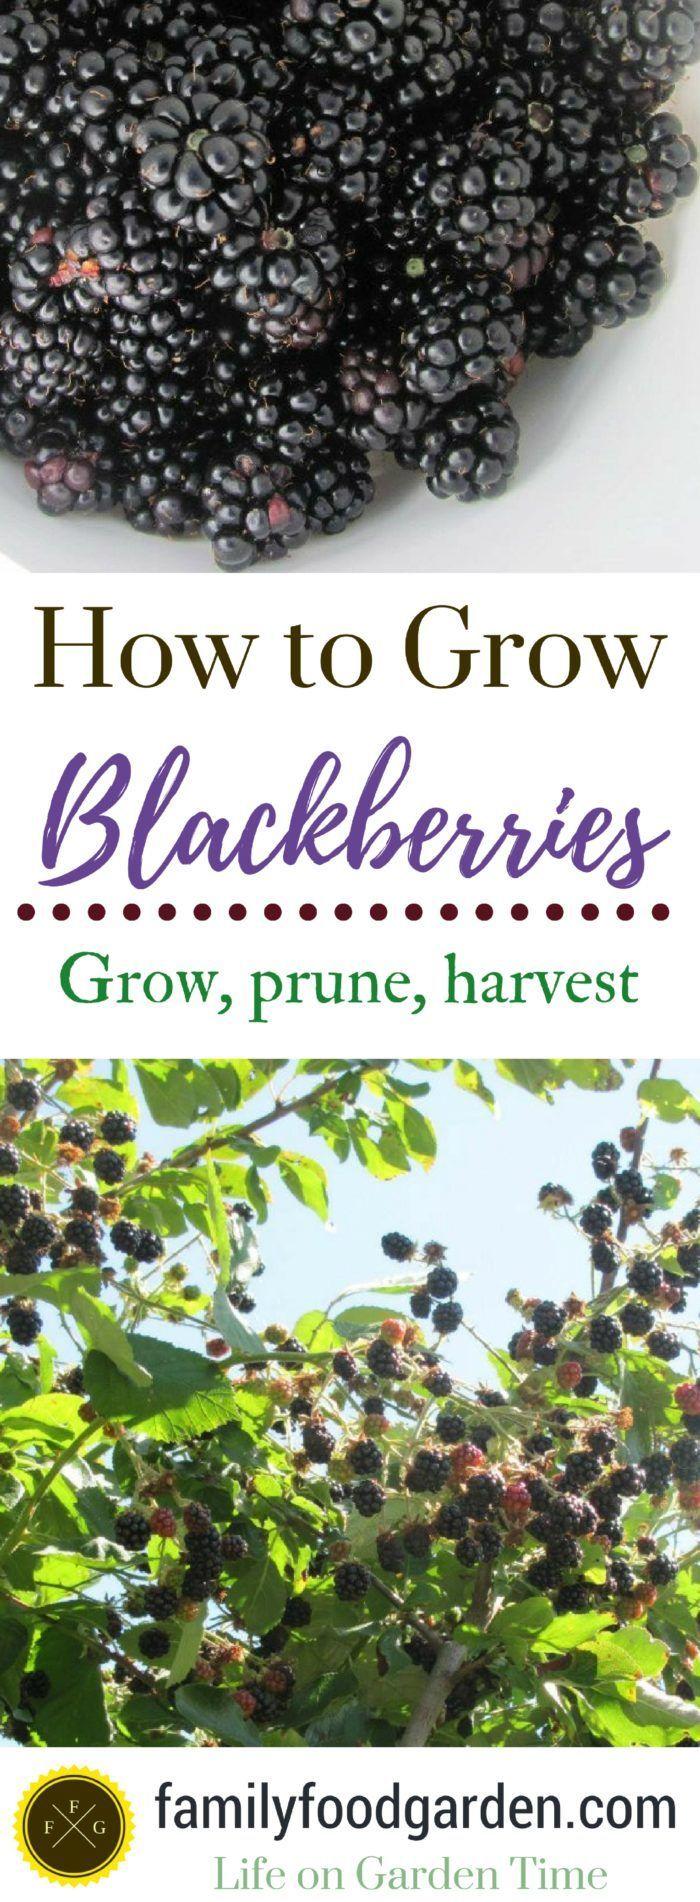 When to prune blueberries  Growing Blackberries Planting  Pruning Blackberries  Blackberry